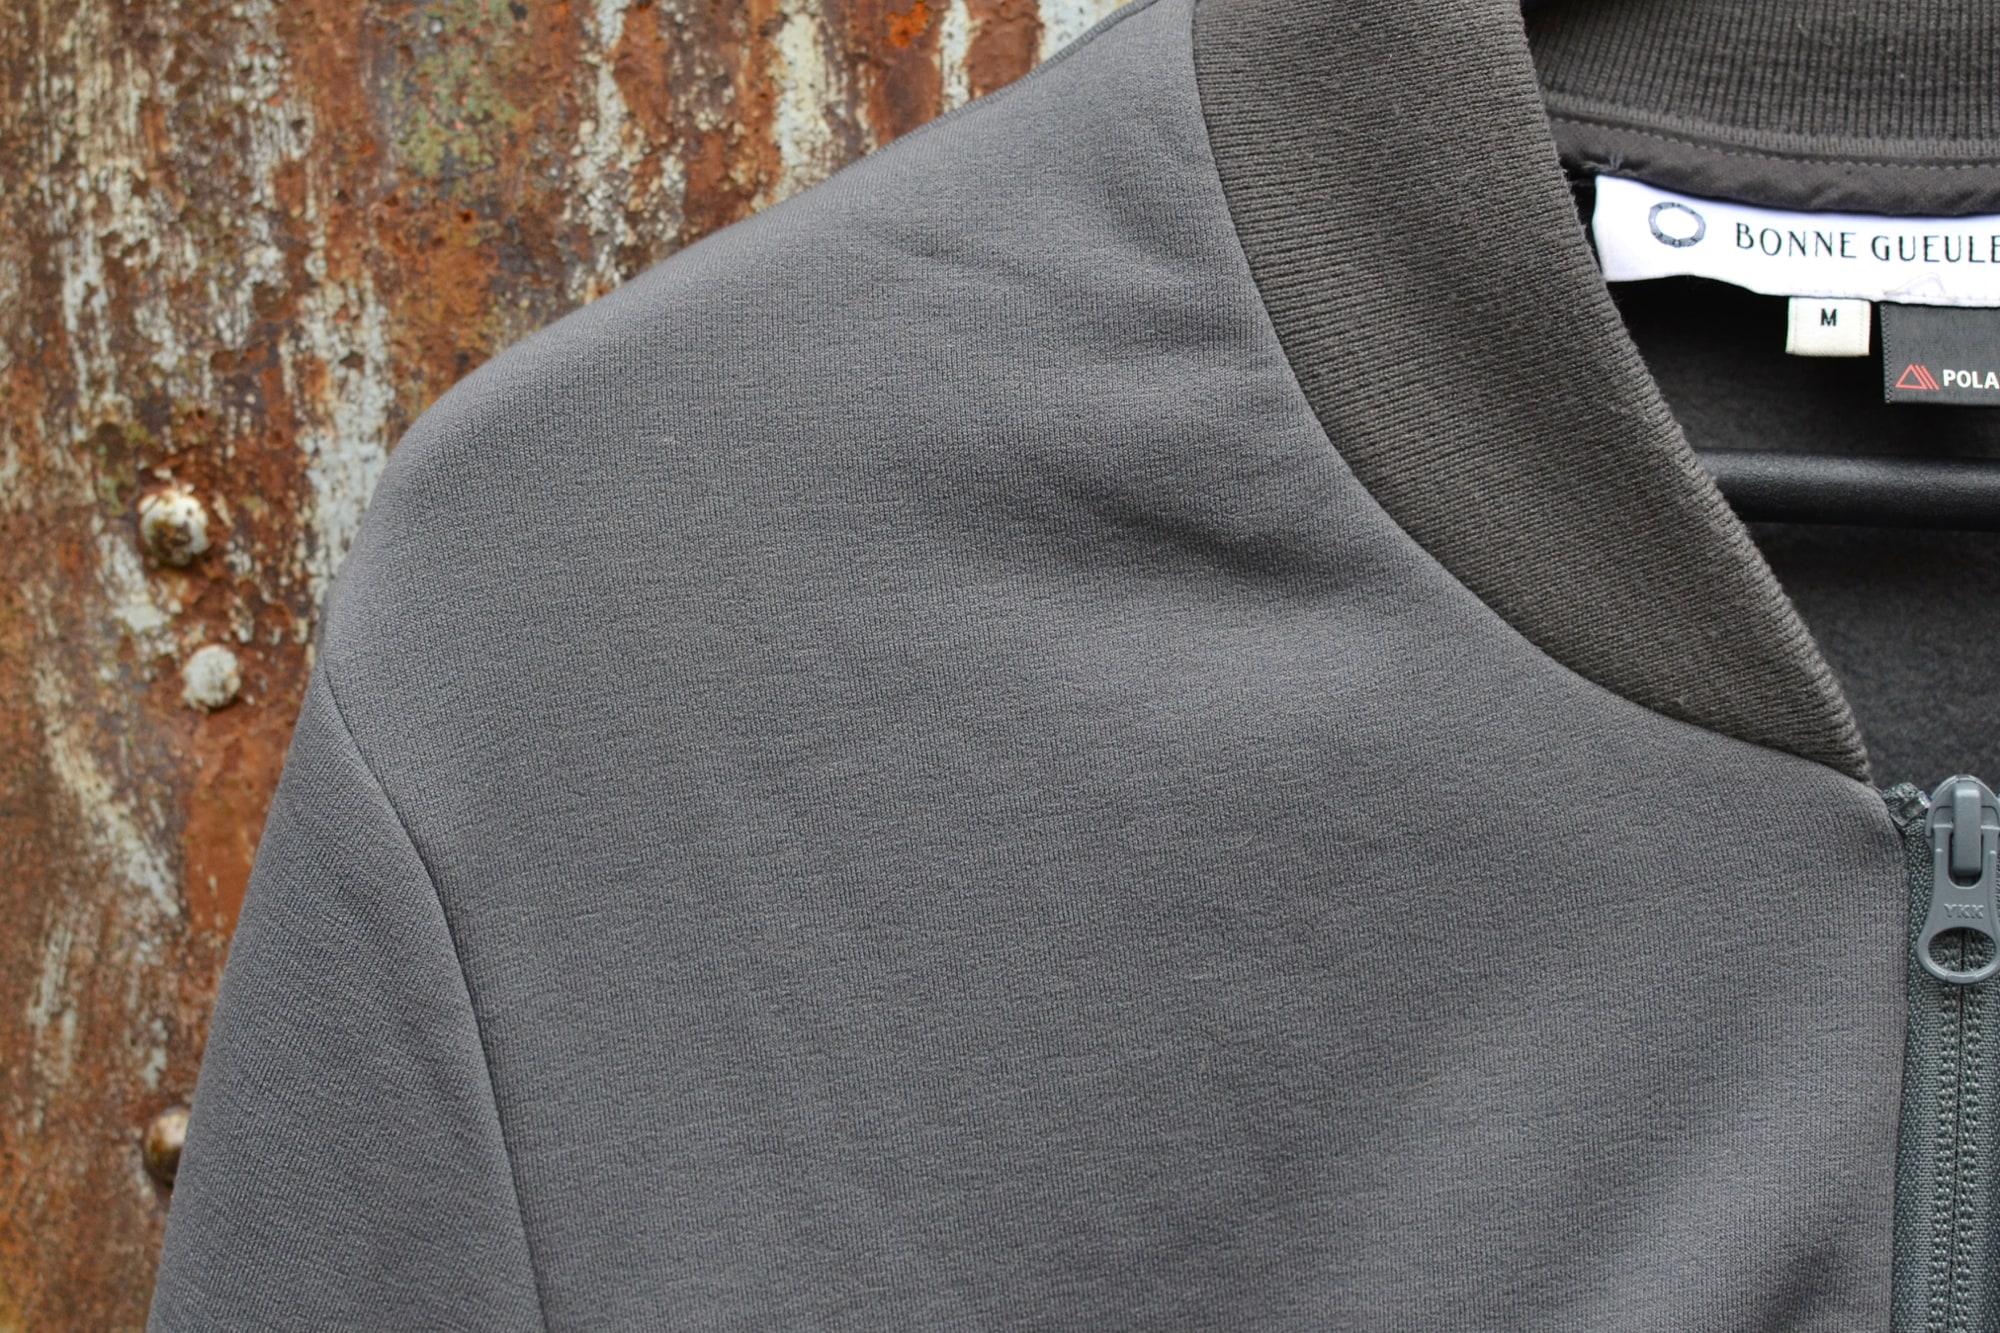 borasification blog conseil mode street heritage homme - bomber technique bonne gueule polartec power stretch pro gris - 1